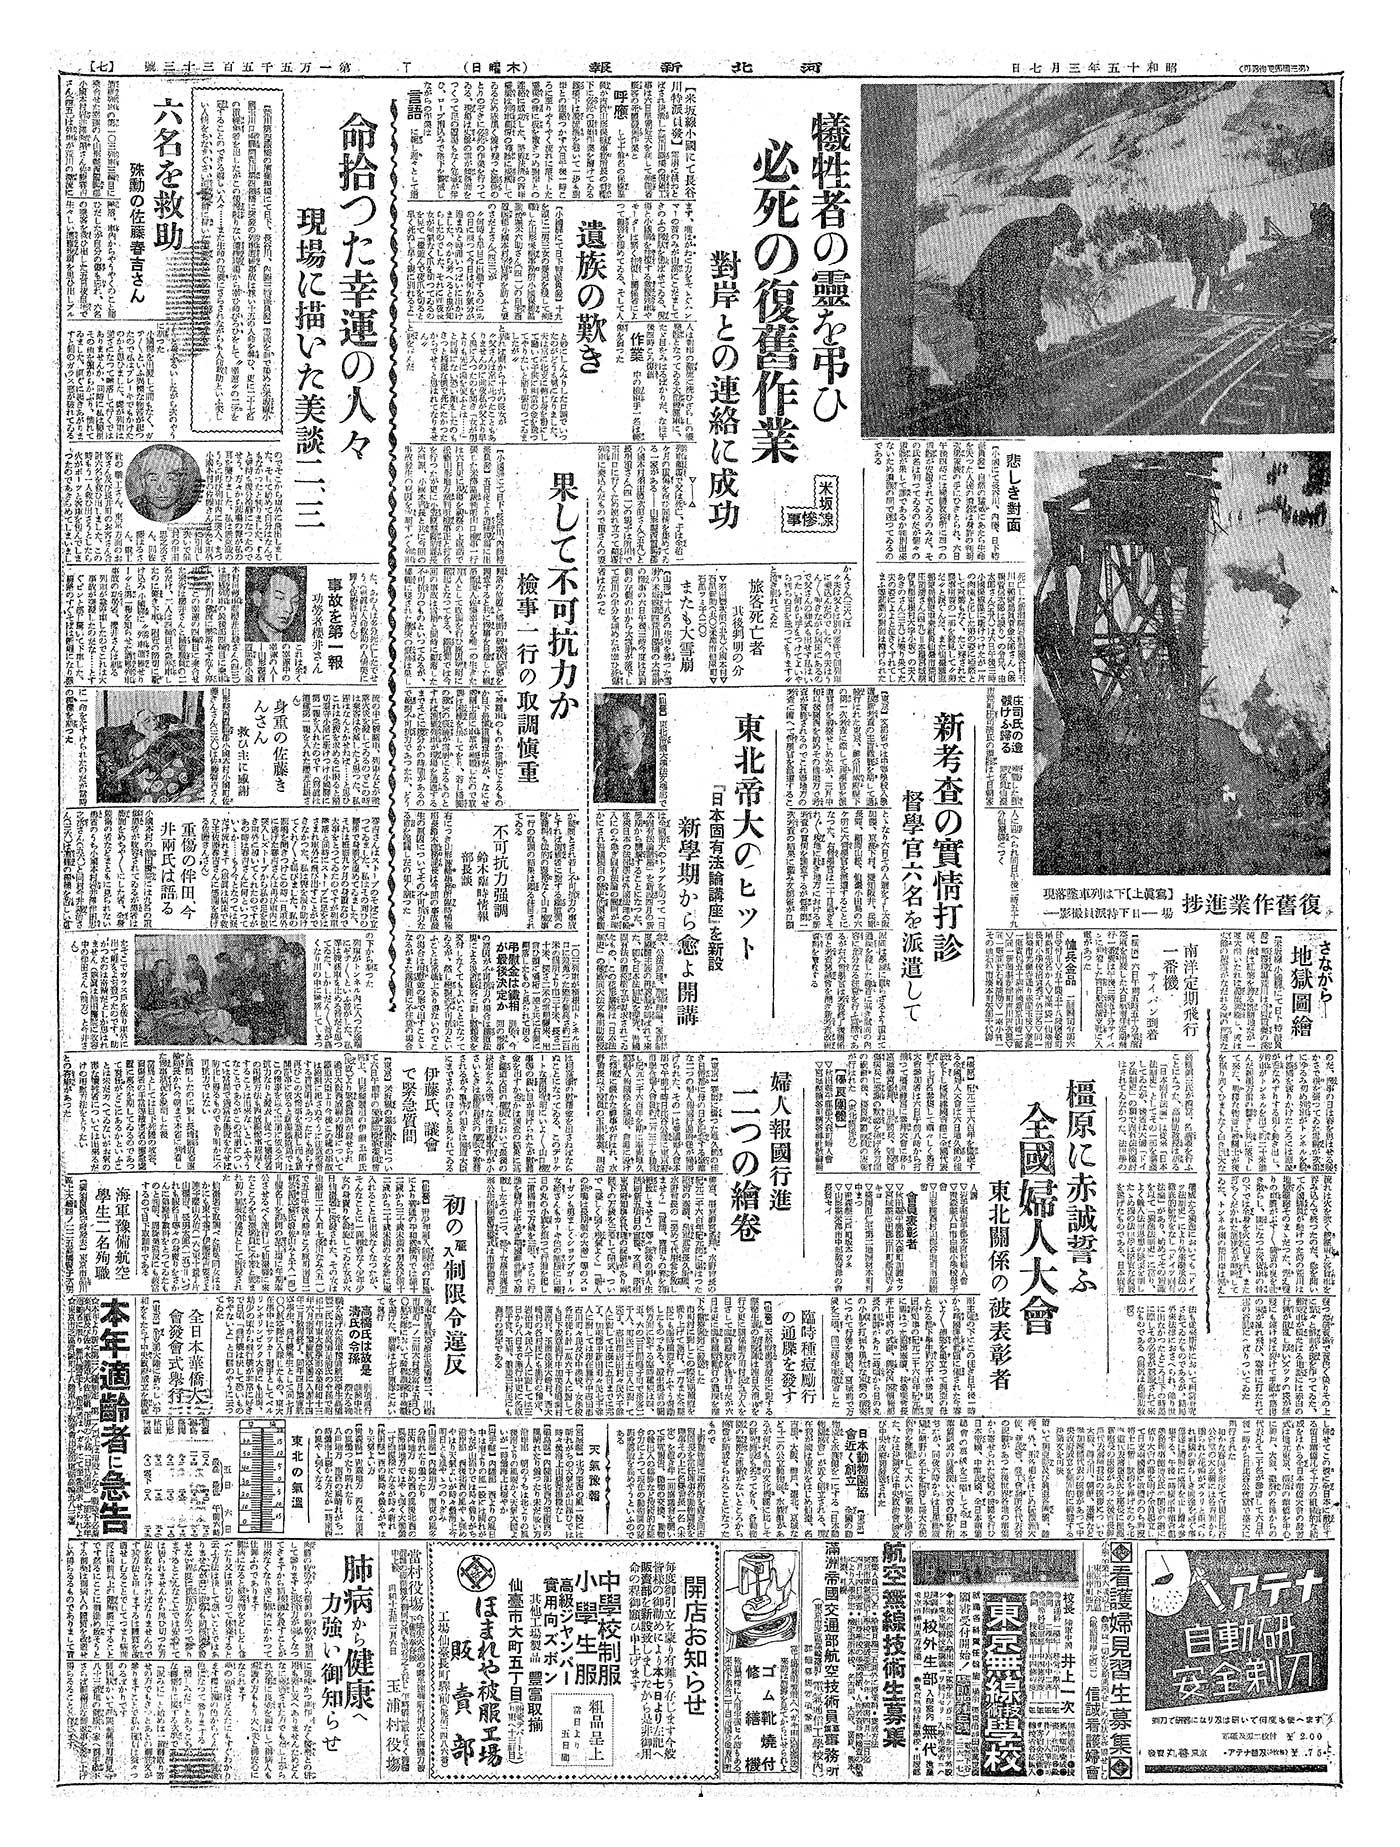 米坂線雪崩直撃事故(1940年)